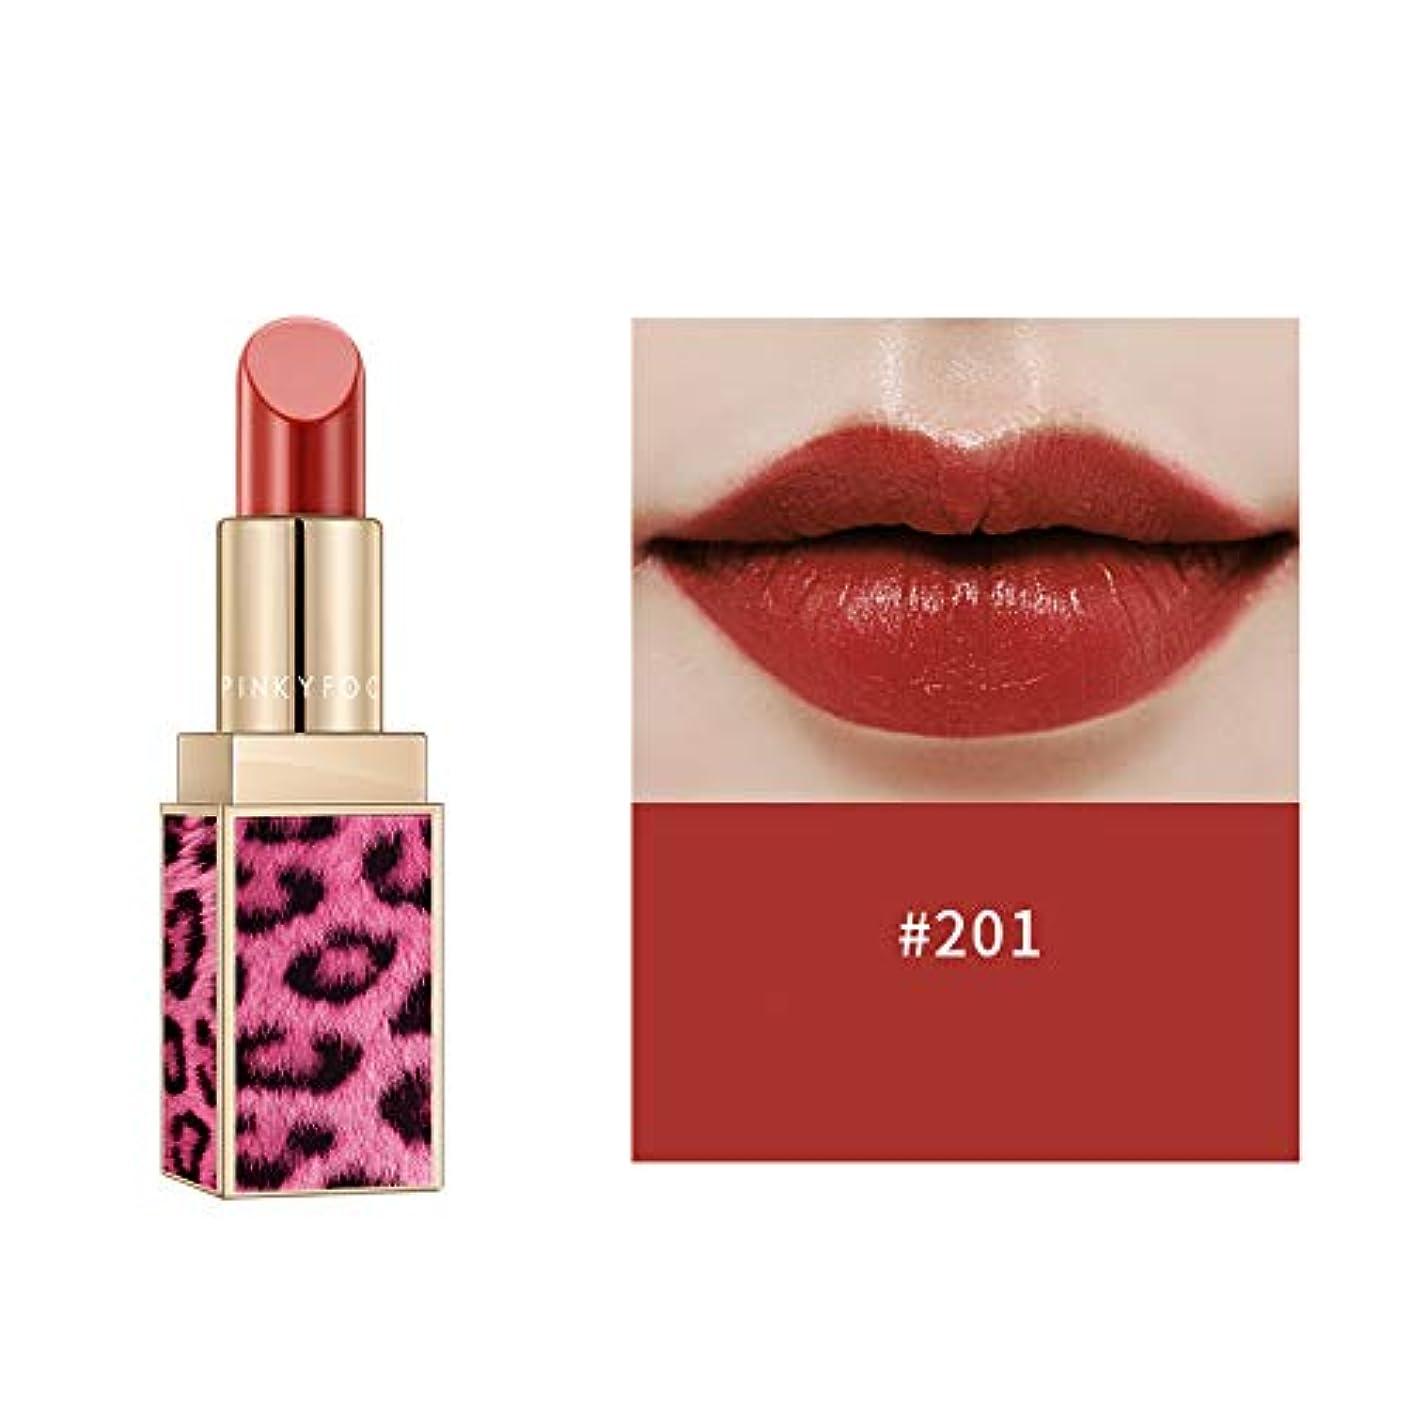 シュガー入る口述Symboat ピンク ヒョウ ケース 口紅 防水 長持ち リップスティック落ちにくい口紅 化粧品 人気 恋する唇 ランキング